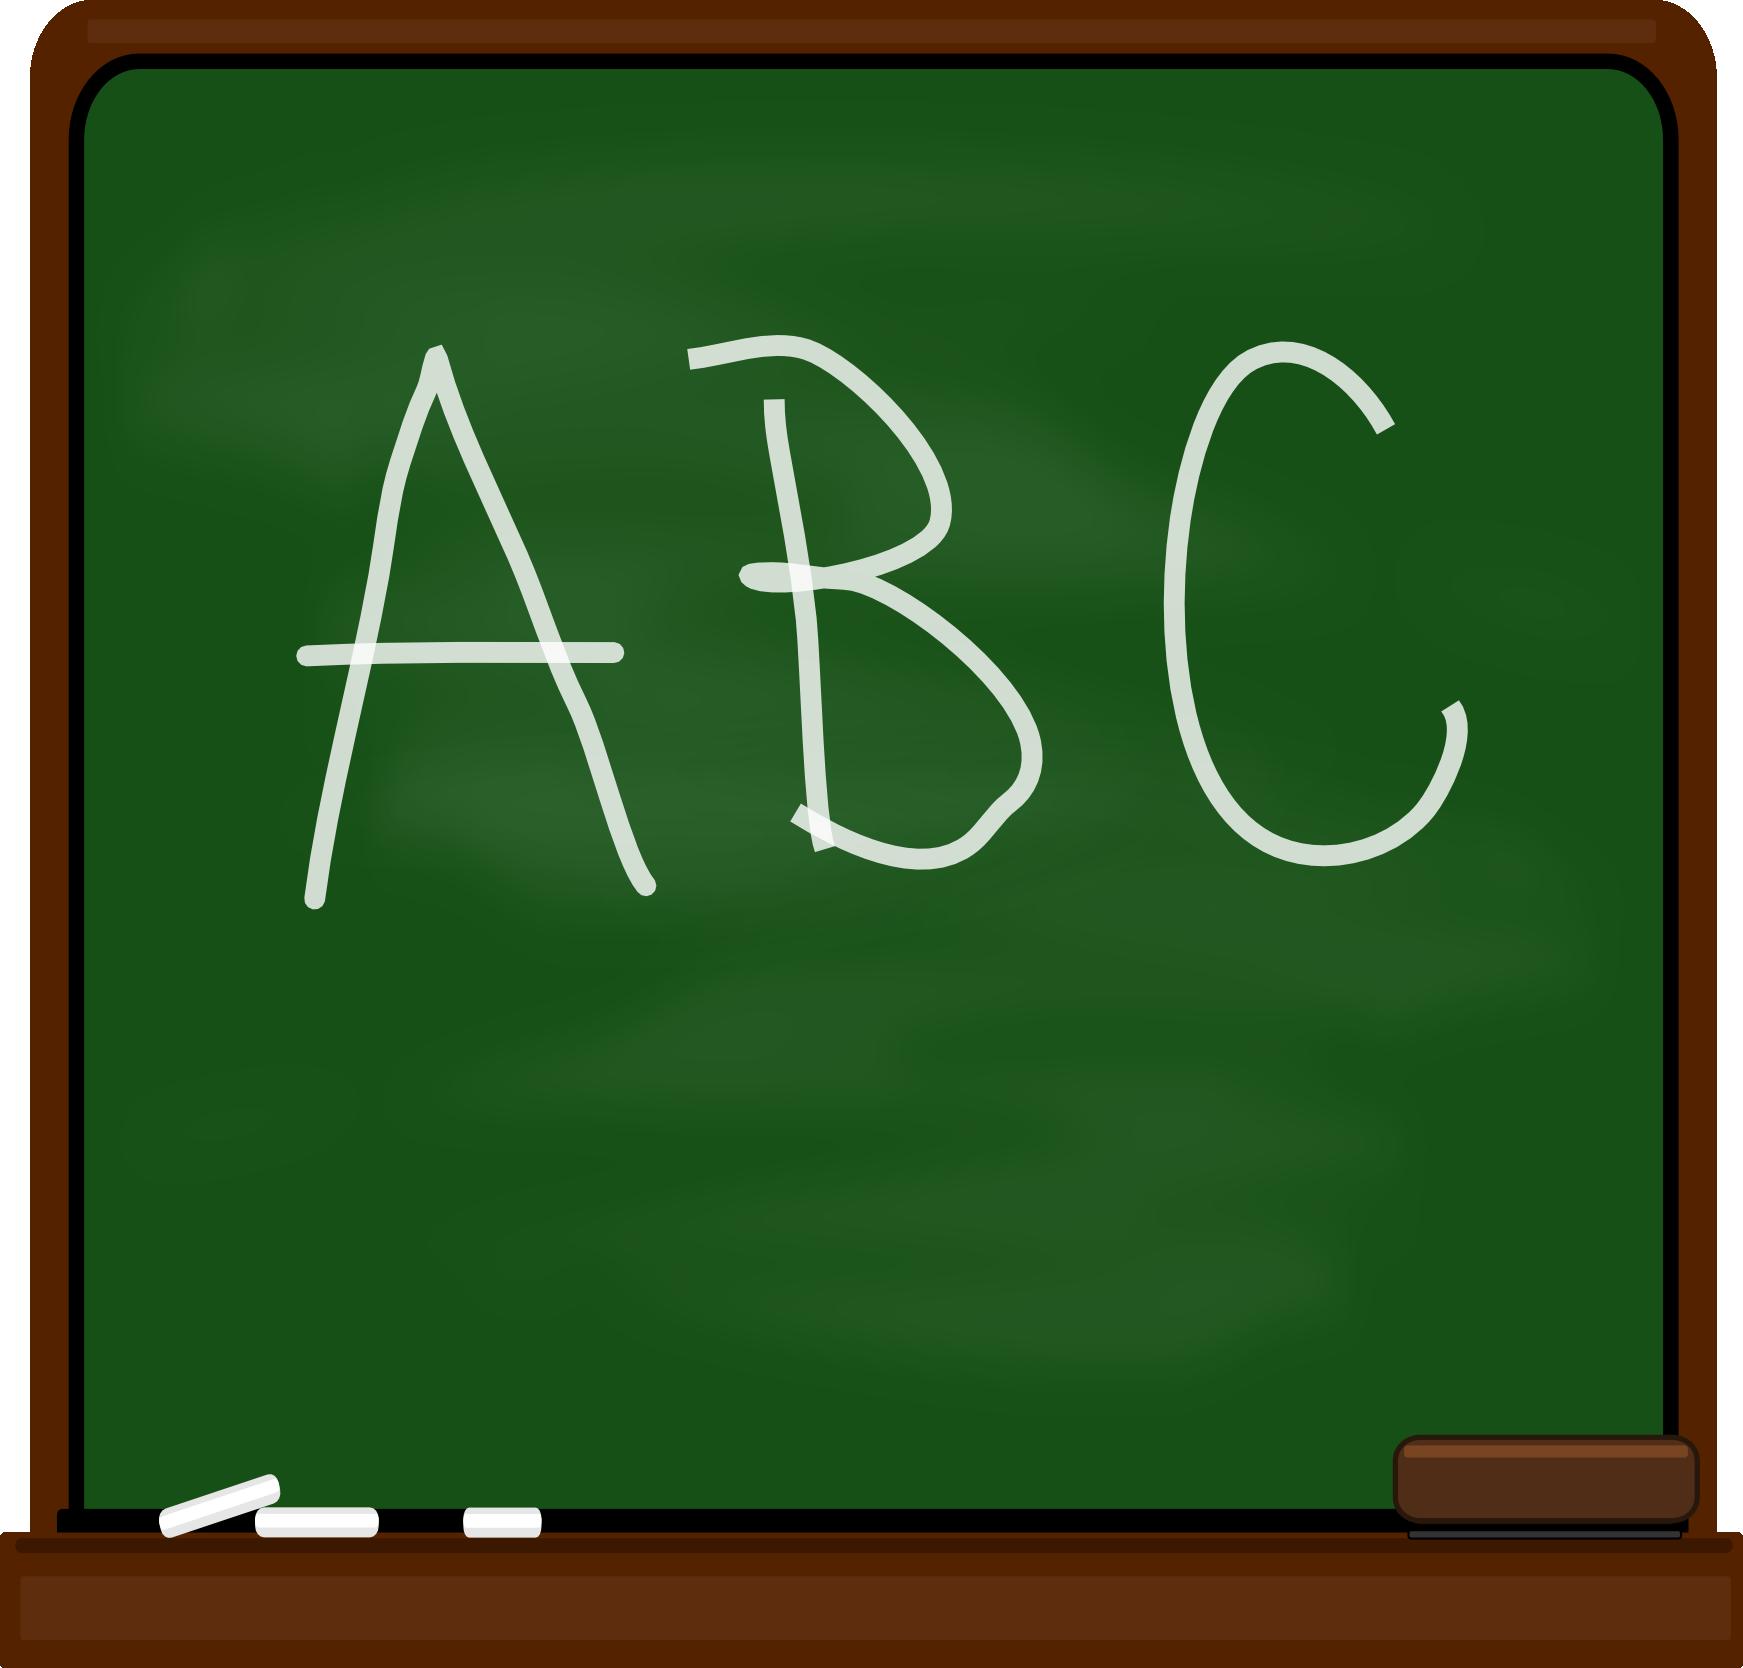 Blackboard clipart cute. School stormdesignz chalkboard whiteboard